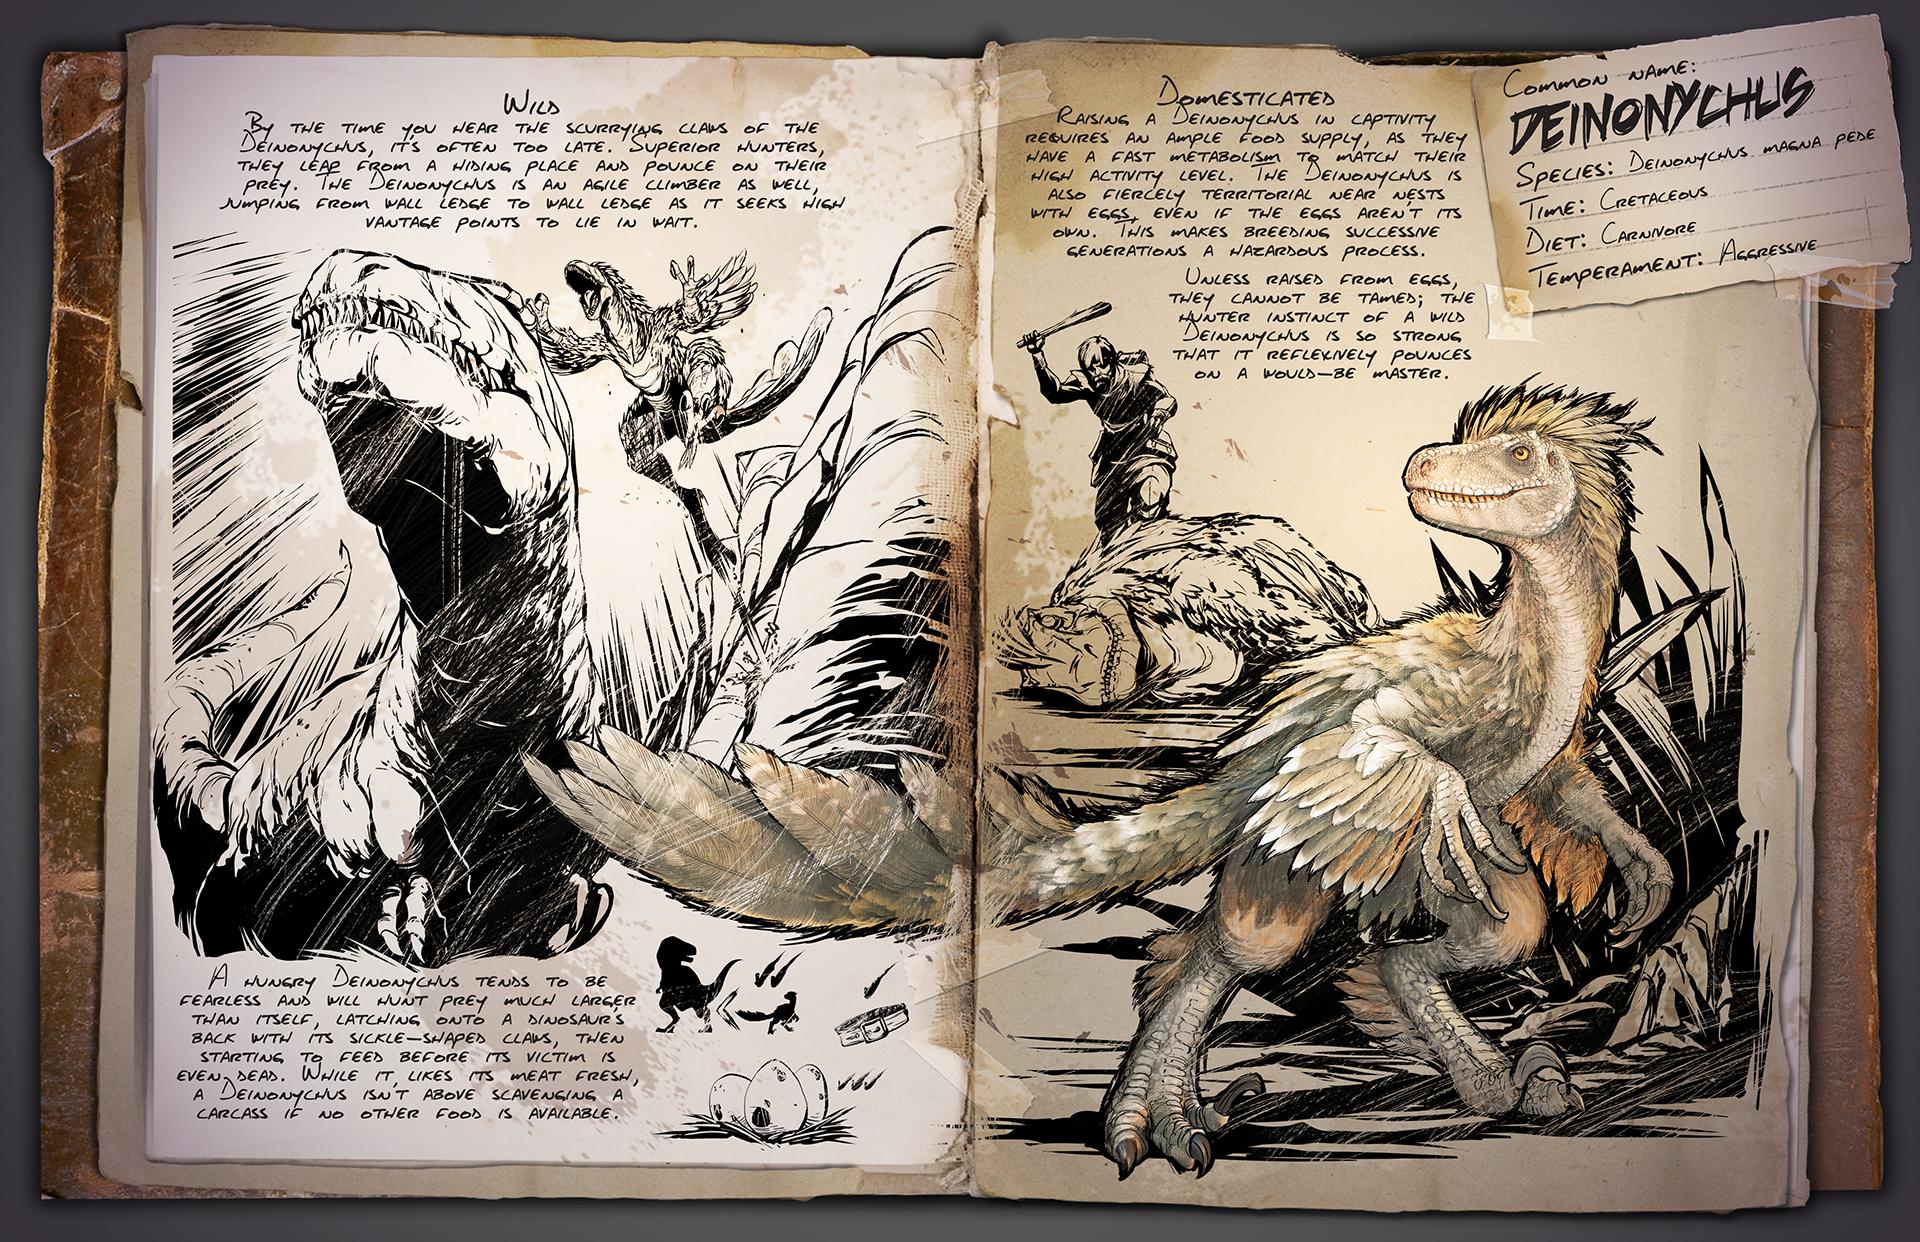 Dossier zum Deinonychus mit weiterführenden Informationen